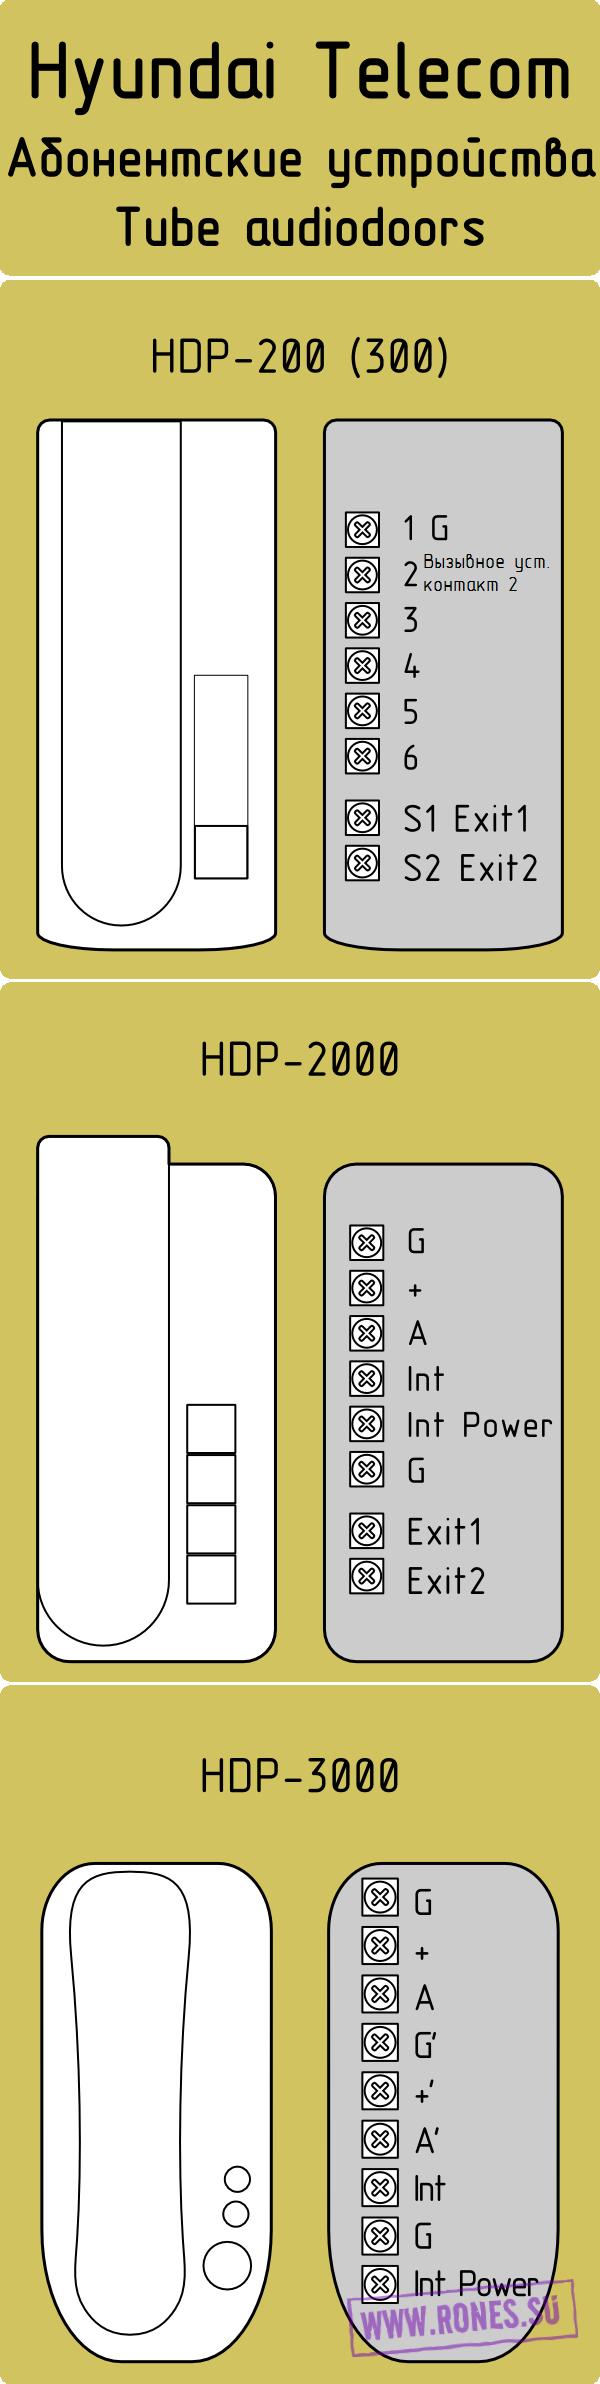 Подключение аудиотрубки Hyundai